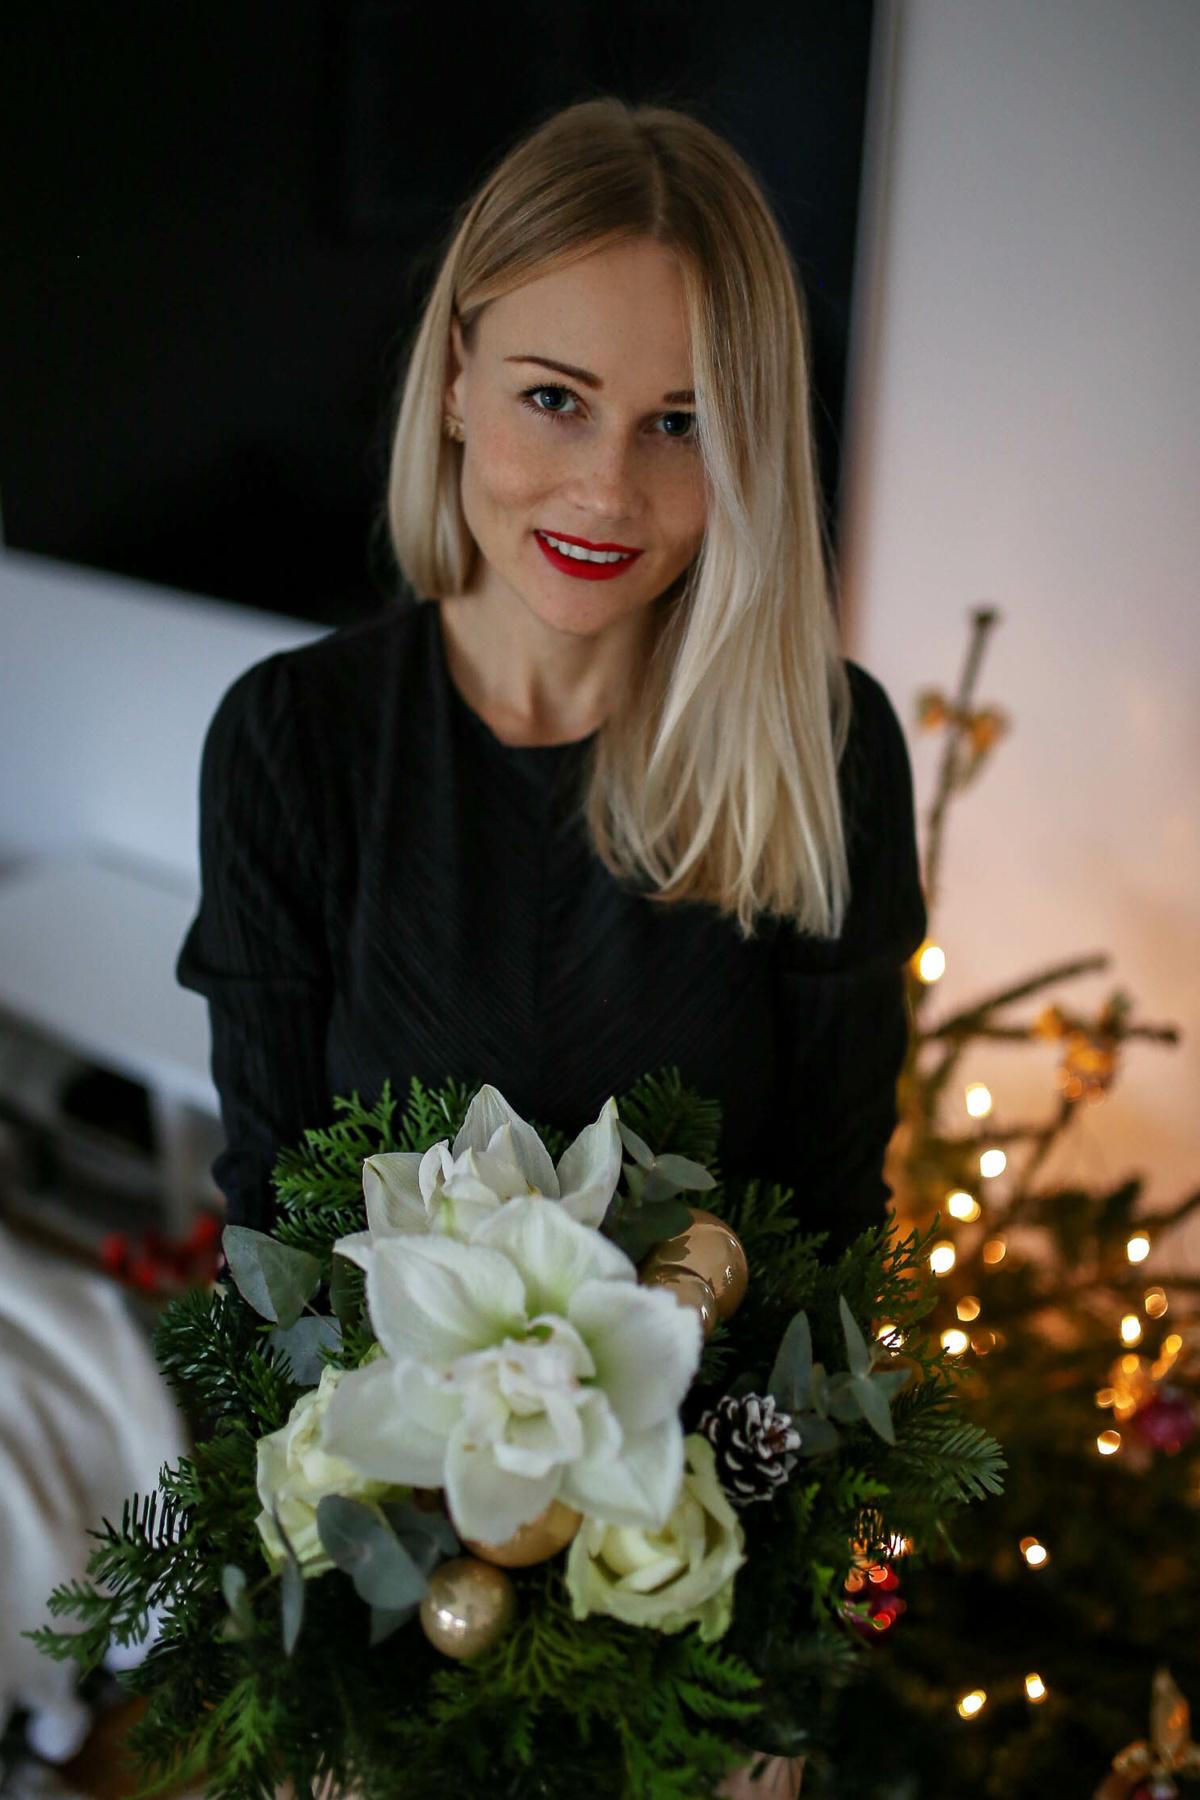 stylingliebe-lifestyleblogger-mamablog-fashionblog-muenchen-styleblog-munich-blogger-deutschland-fashionblogger-lifestyleblog-mamablogger-modeblog-styleblog-unser-erstes-weihnachten-zu-viert-6